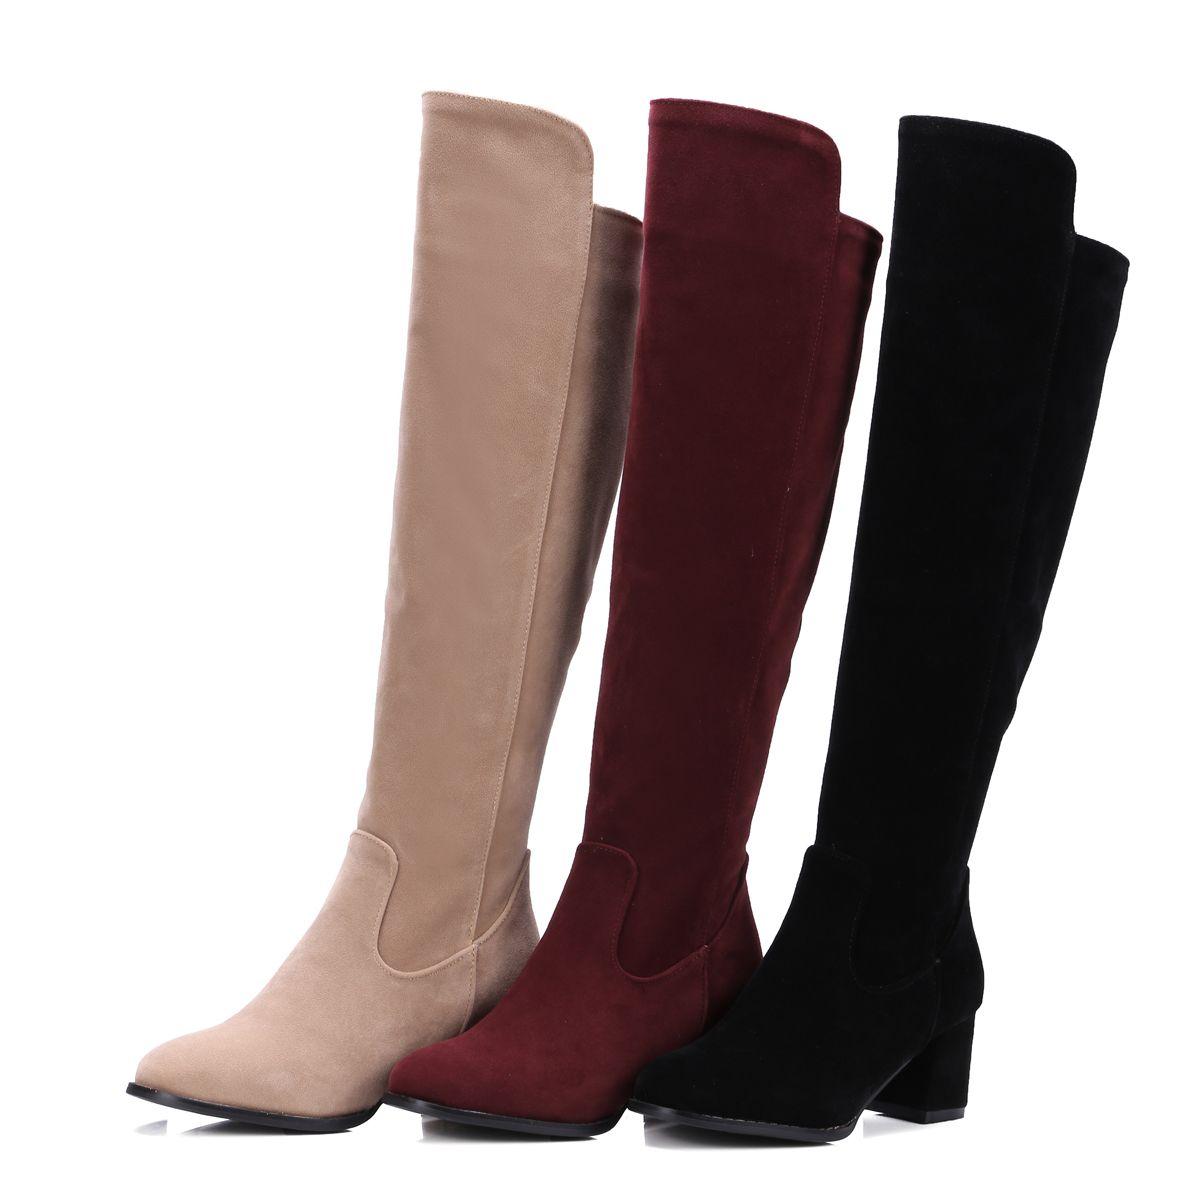 6a8216e5c44 Acheter Faux Suede Chaussures De Nouvelles Femmes De La Mode Bloc Talon Zip  Bout Rond Bottes Au Genou B570 Nous Taille 4 10.5 De  30.15 Du  Wholesale0086 ...